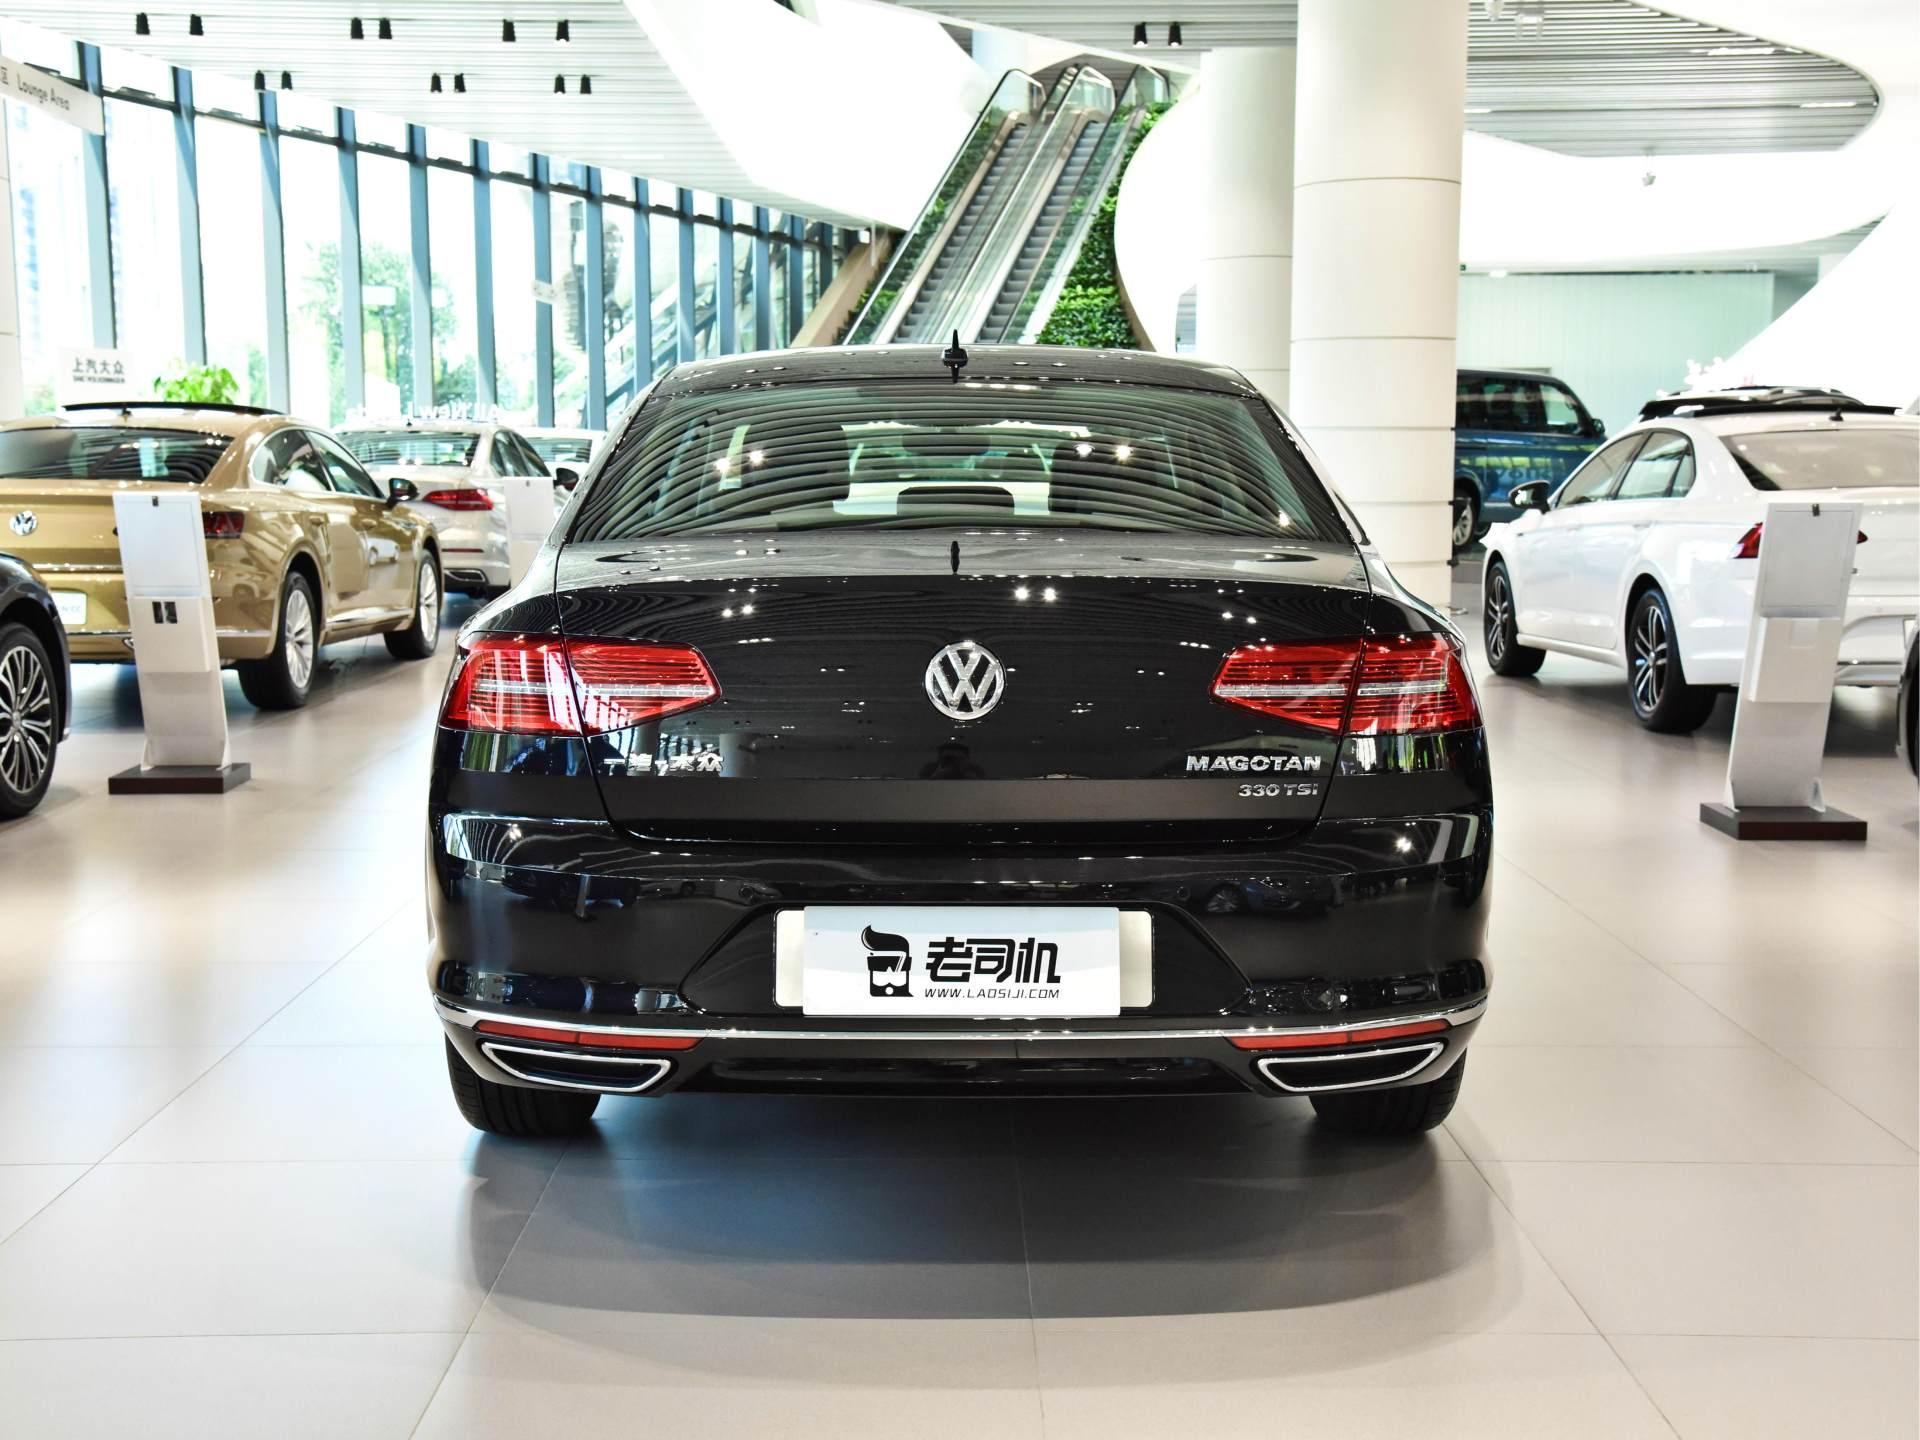 隻要價格到位,這車能超越雅閣,2.0T+2.87米軸距,8月銷量1.8萬輛-圖5